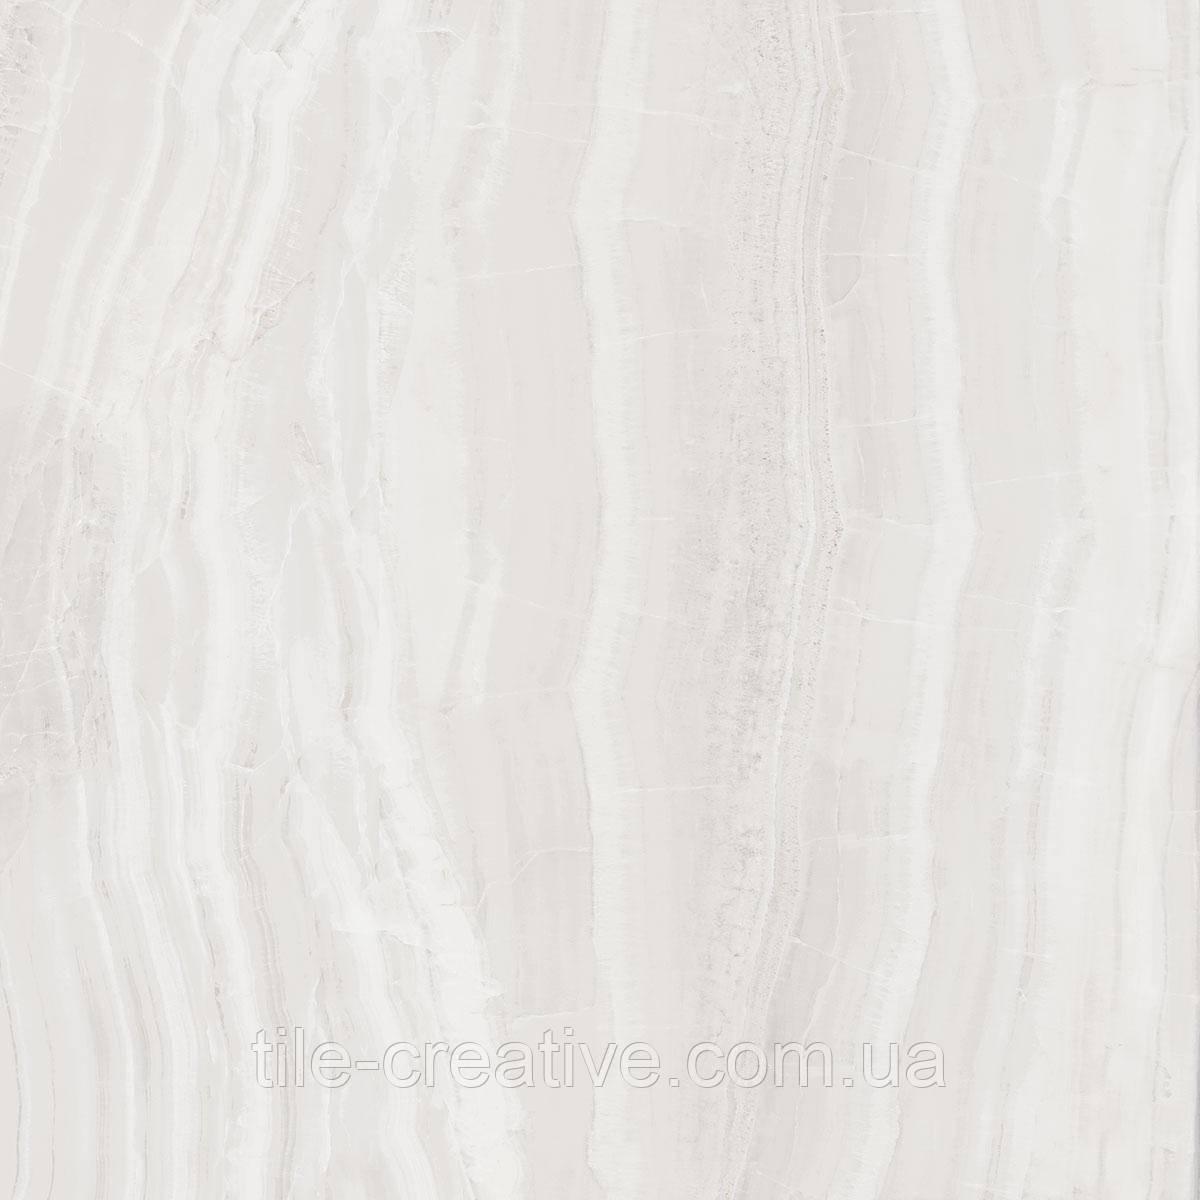 Керамическая плитка Контарини светлый лаппатированный 60х60х11 SG631702R